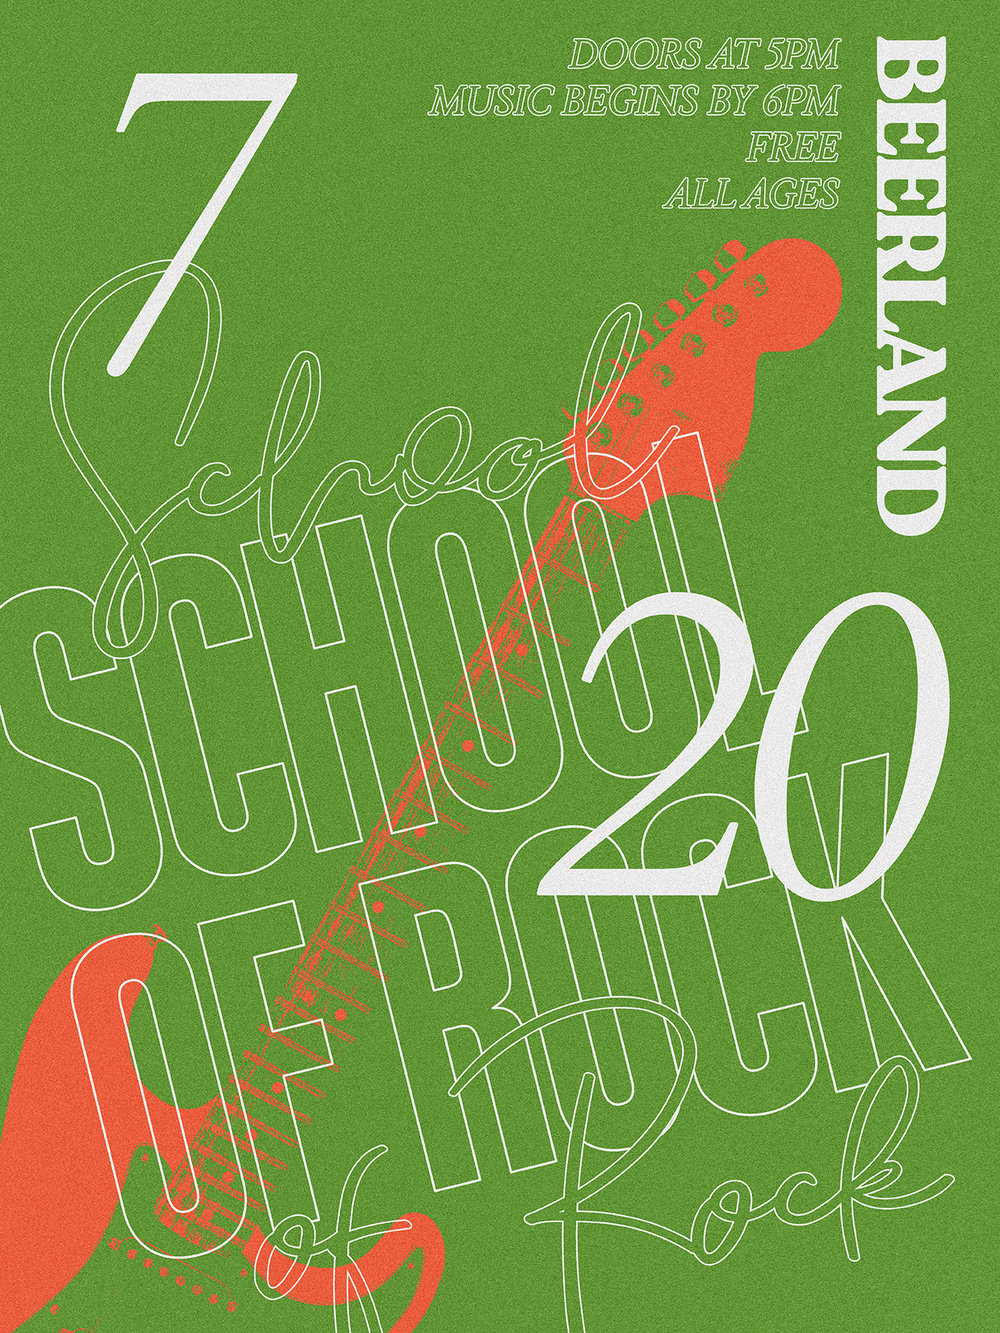 Beerland_62018_SchoolofRock_Digital.jpg